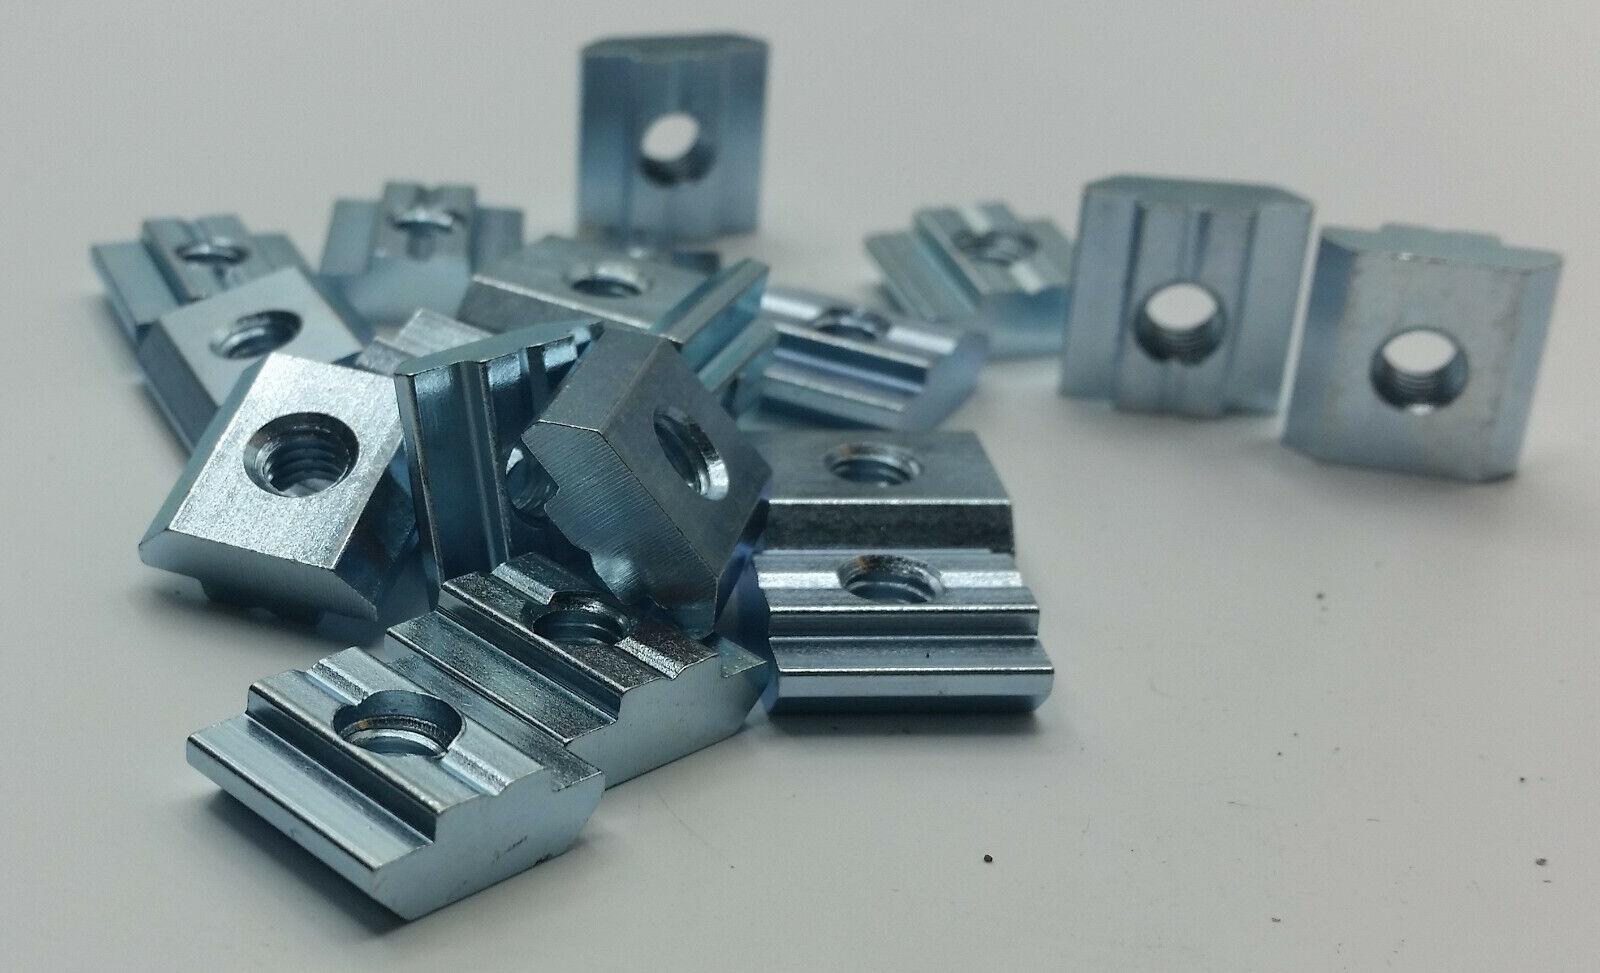 Nutenstein schwer Nut 8 M6 für Typ B, Gleitstein für Aluprofil Bosch kompatibel